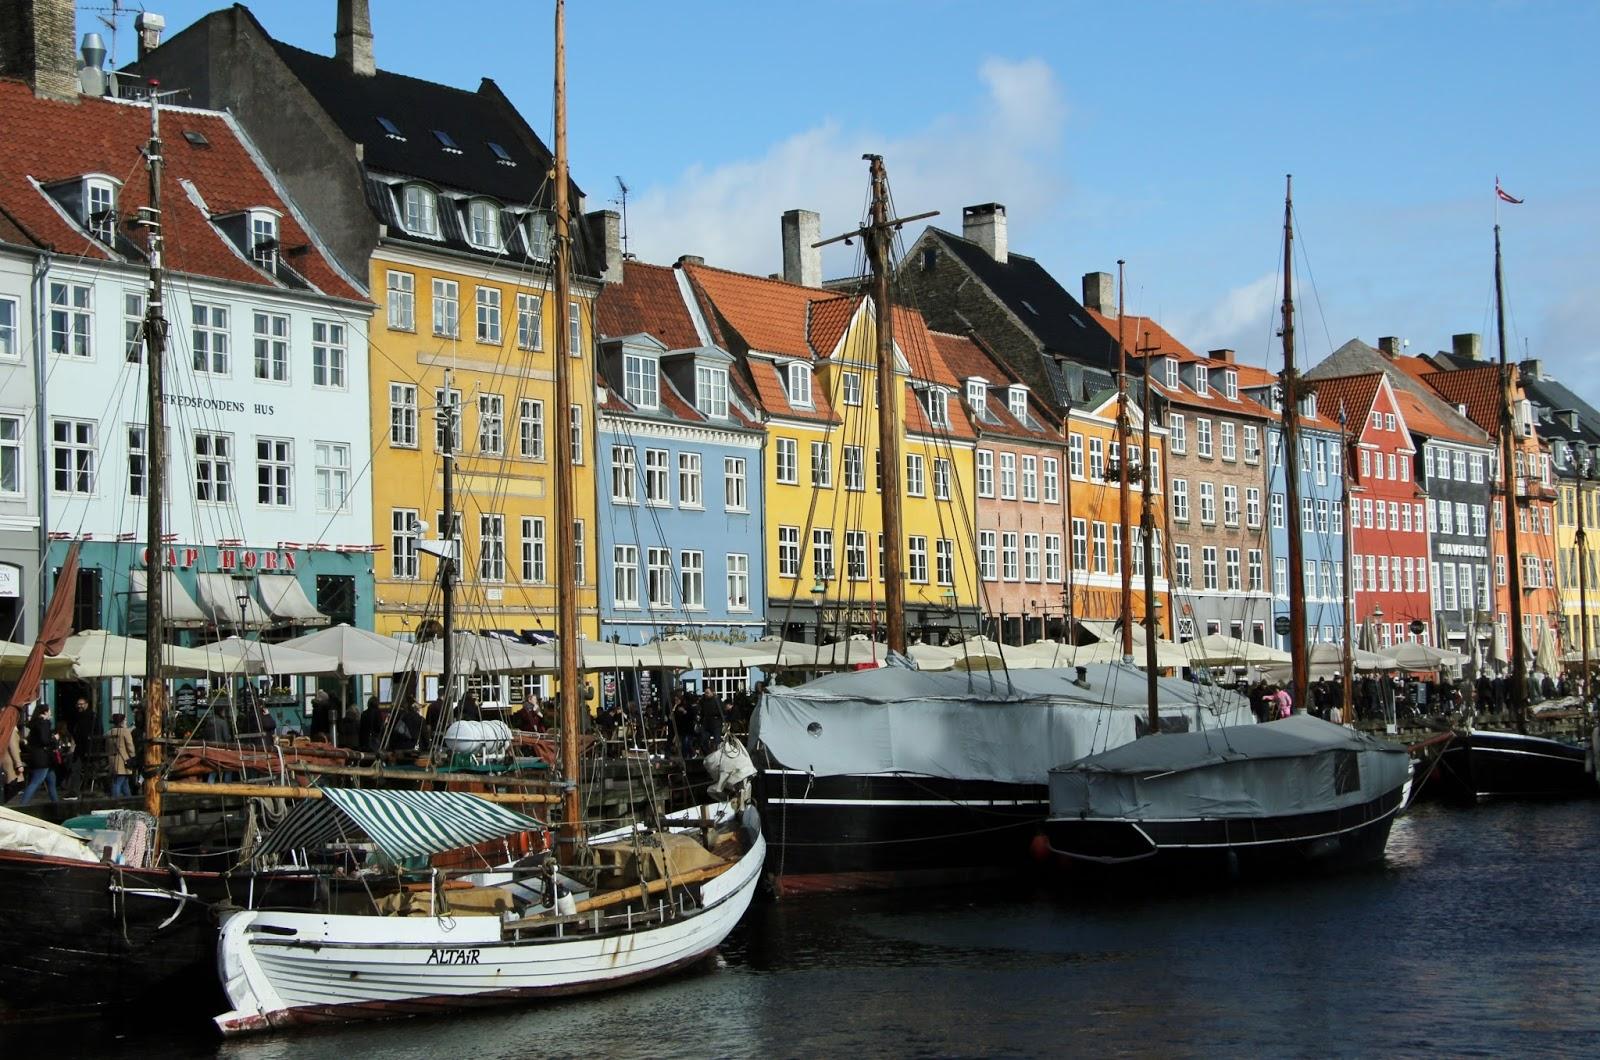 Danimarka kronu. Oluşum tarihi